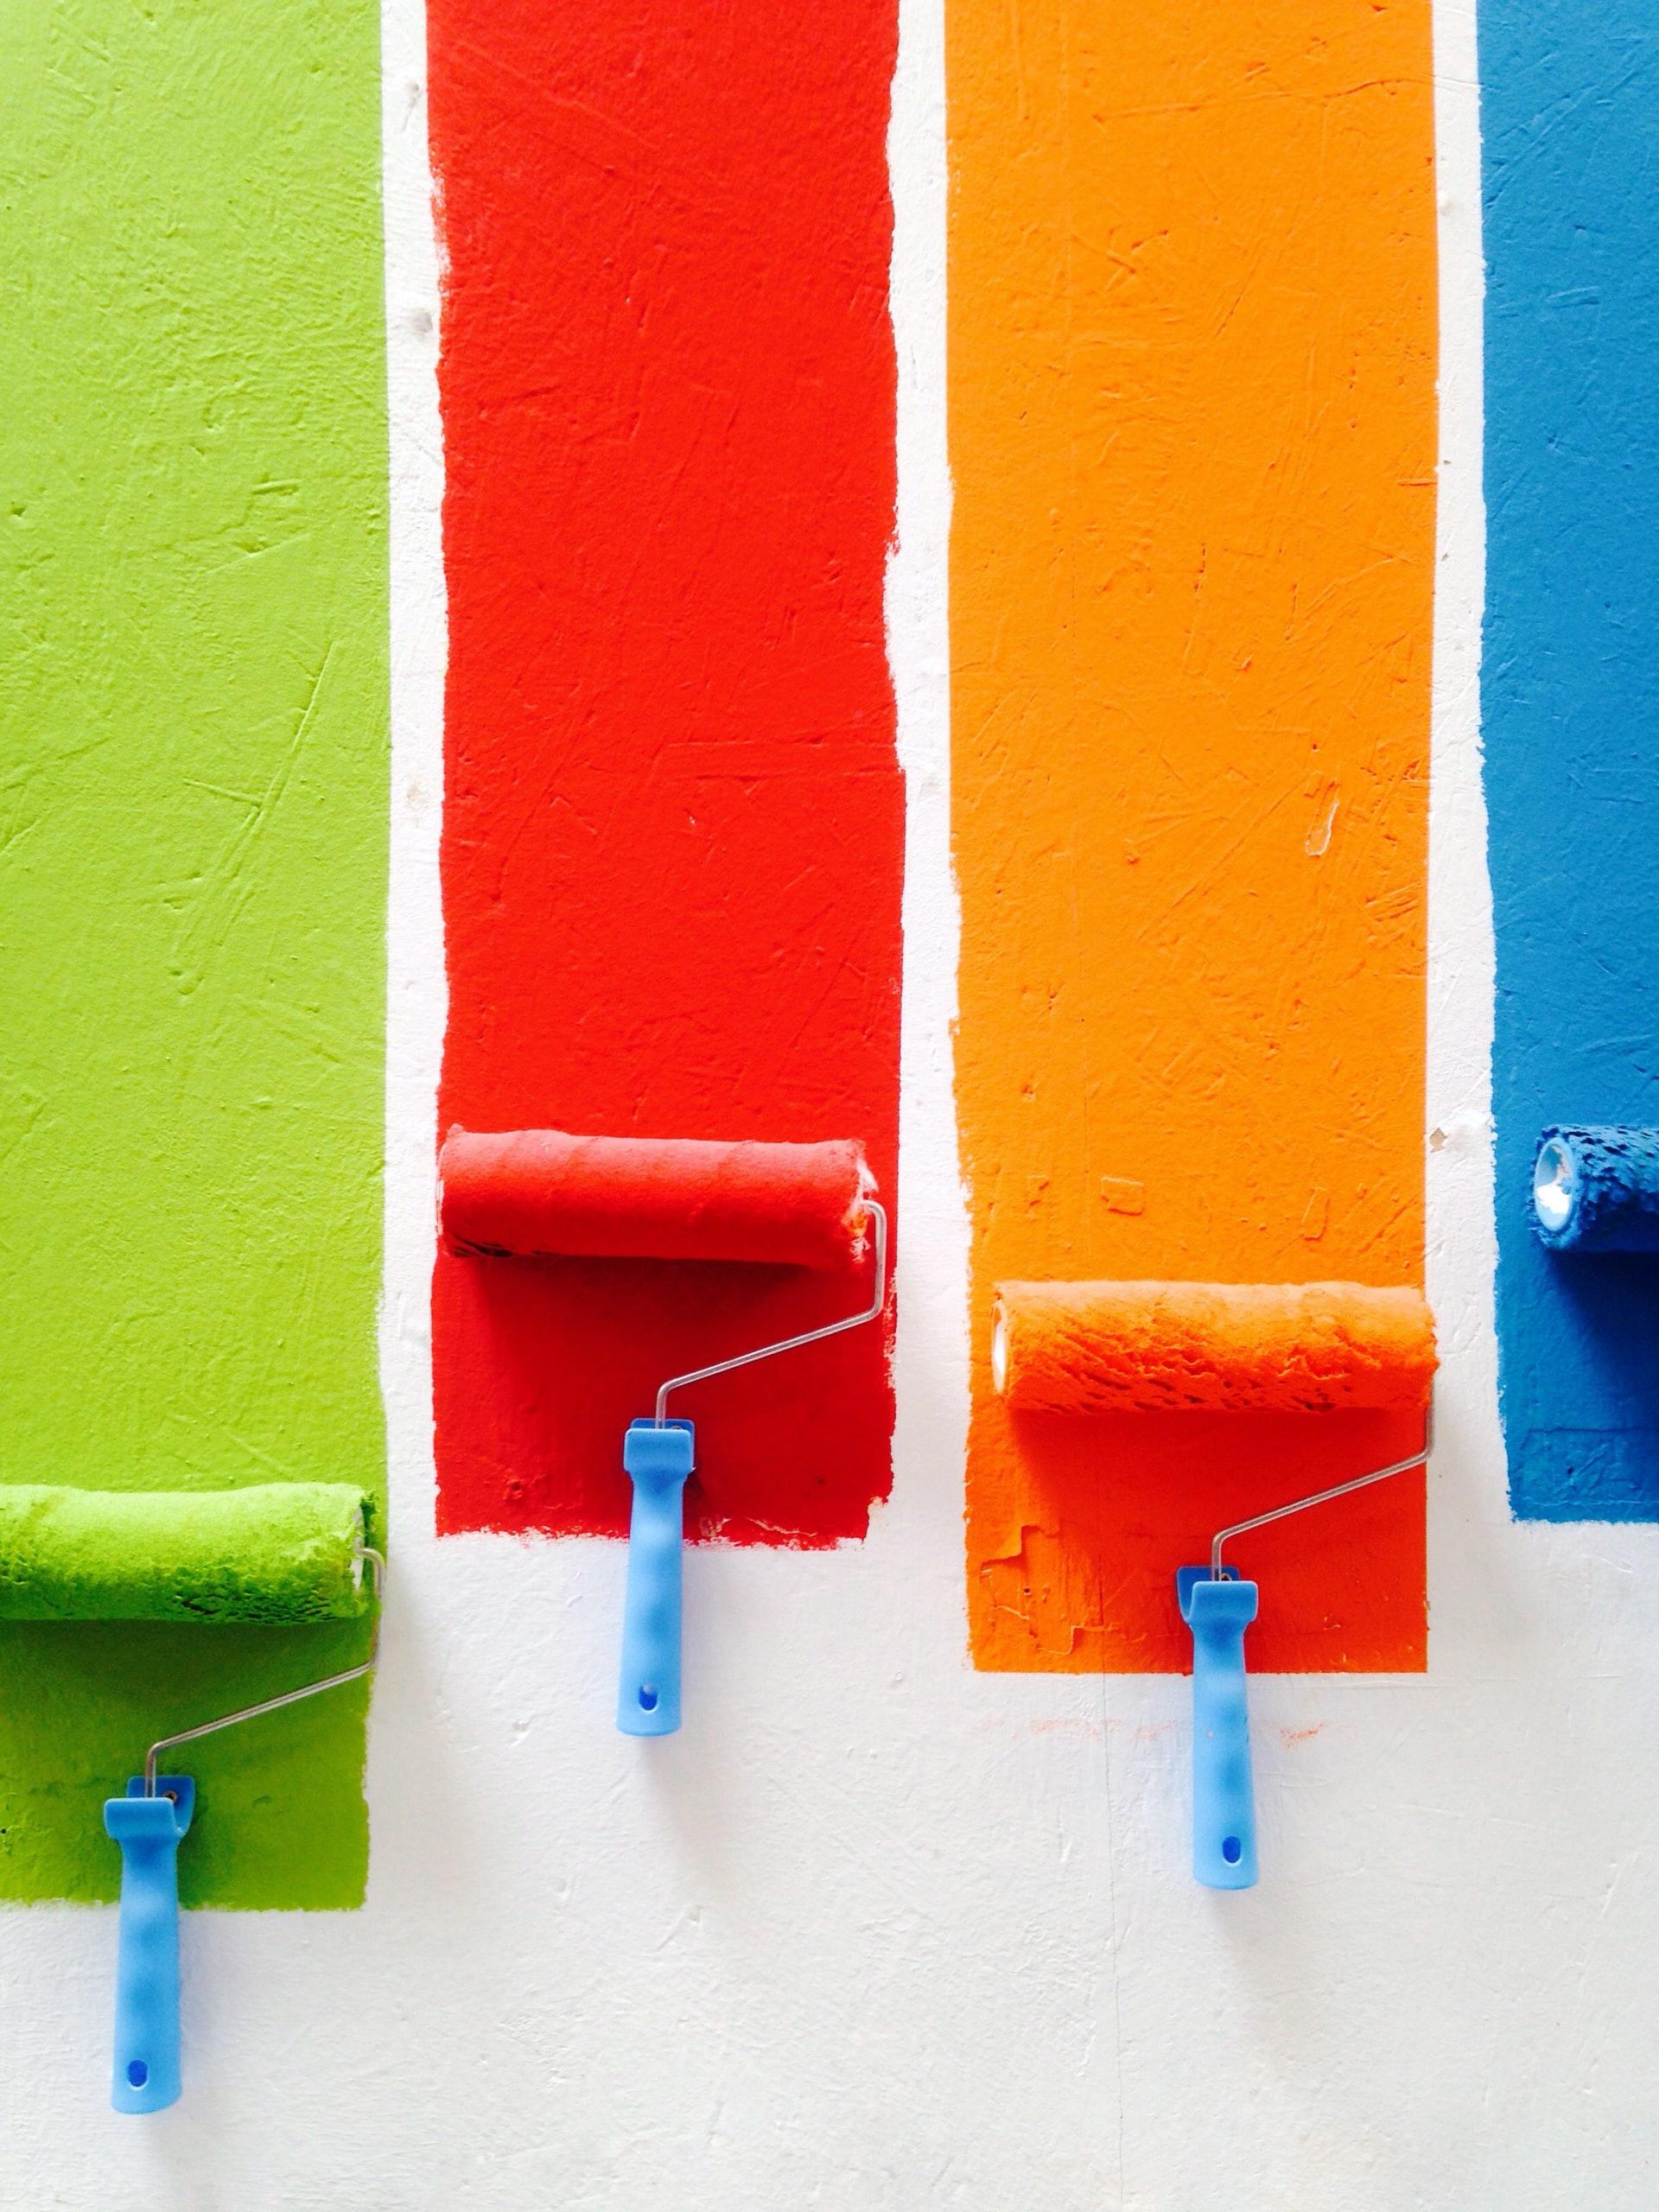 Поради дизайнера: як працювати з кольорами?